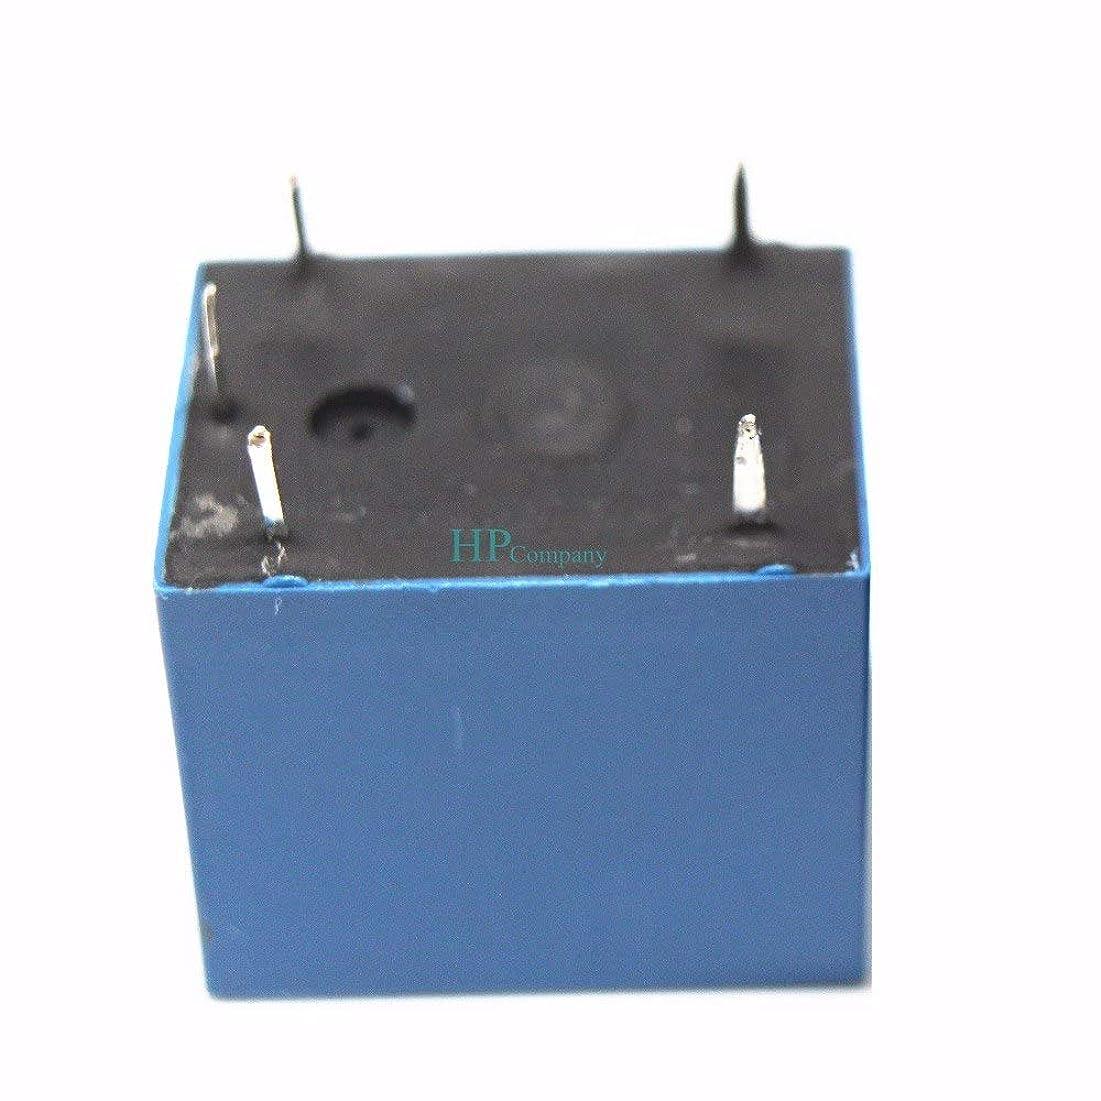 合わせて欠乏エジプトWillBest New and 5PCS SRD SRD-09VDC-SL-C 09VDC 10A 250V power relay T73 5feet